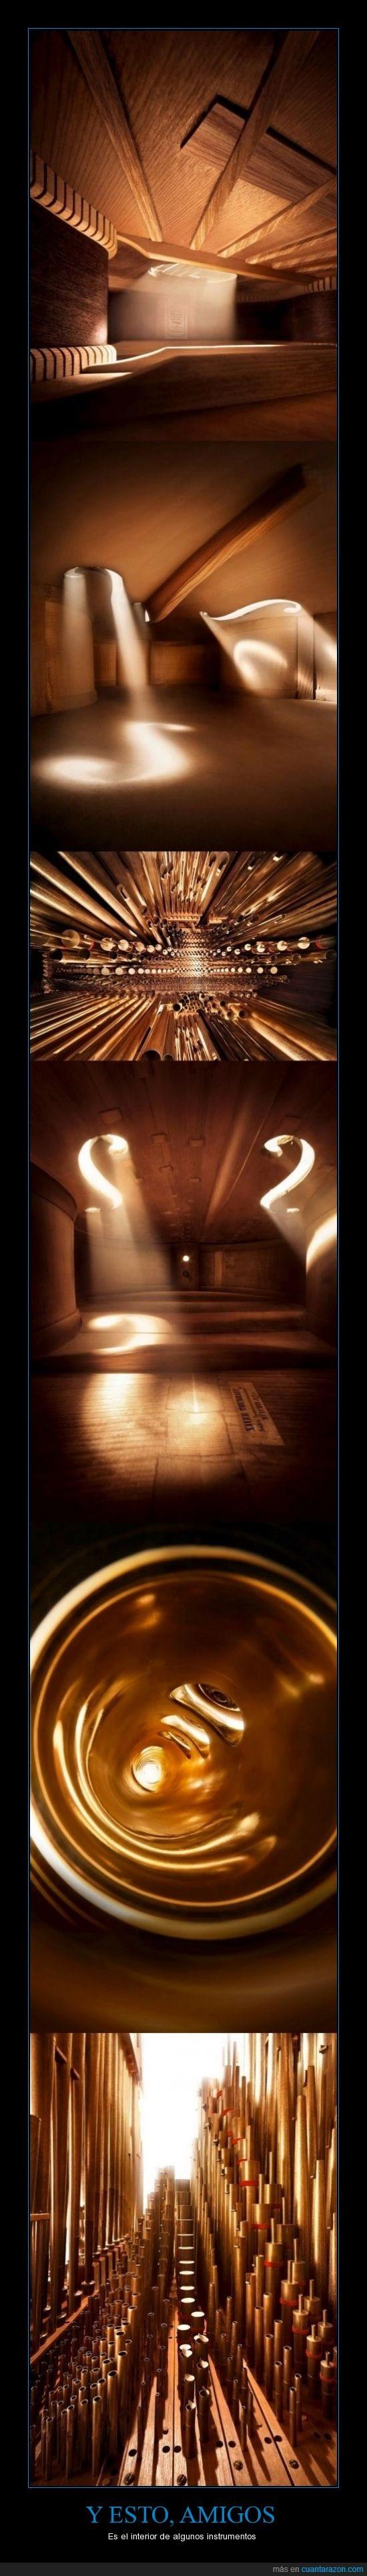 contrabajo,hay más,instrumentos,interior,parecen habitaciones,saxofón,violín